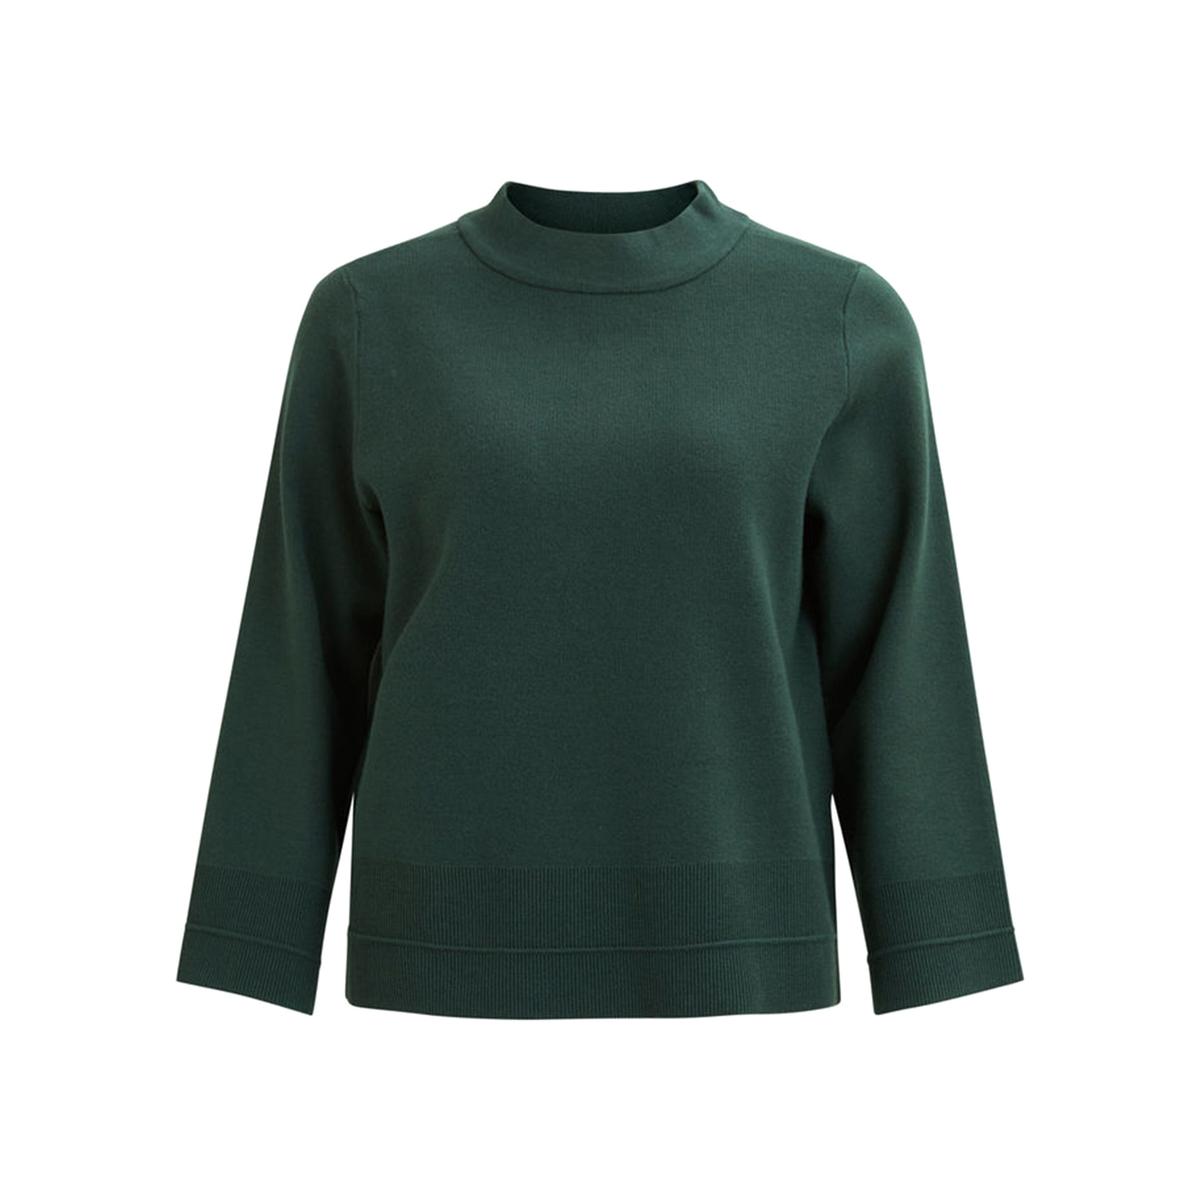 Пуловер с круглым вырезом из тонкого трикотажаДетали •  Длинные рукава •  Круглый вырез •  Тонкий трикотаж Состав и уход •  55% вискозы, 35% полиамида, 10% полиэстера •  Следуйте советам по уходу, указанным на этикетке<br><br>Цвет: изумрудный,черный